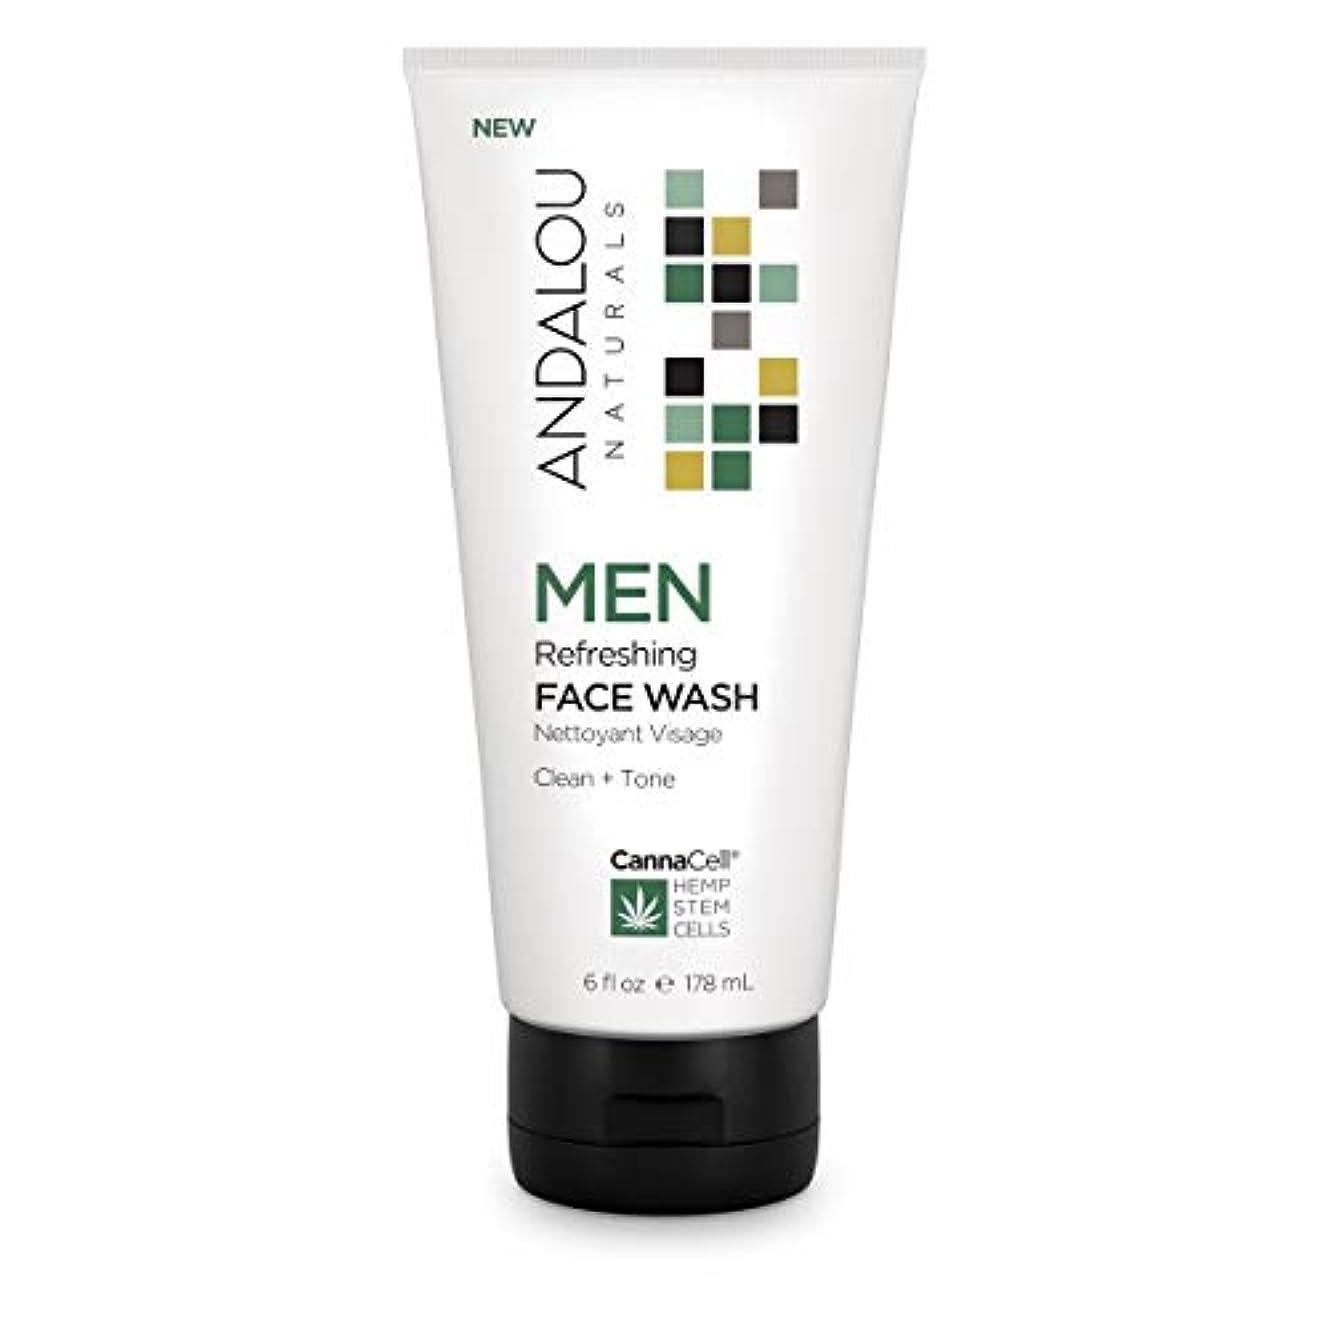 攻撃耐えられないコードオーガニック ボタニカル 洗顔料 洗顔フォーム ナチュラル フルーツ幹細胞 ヘンプ幹細胞 「 MEN リフレッシングフェイスウォッシュ 」 ANDALOU naturals アンダルー ナチュラルズ